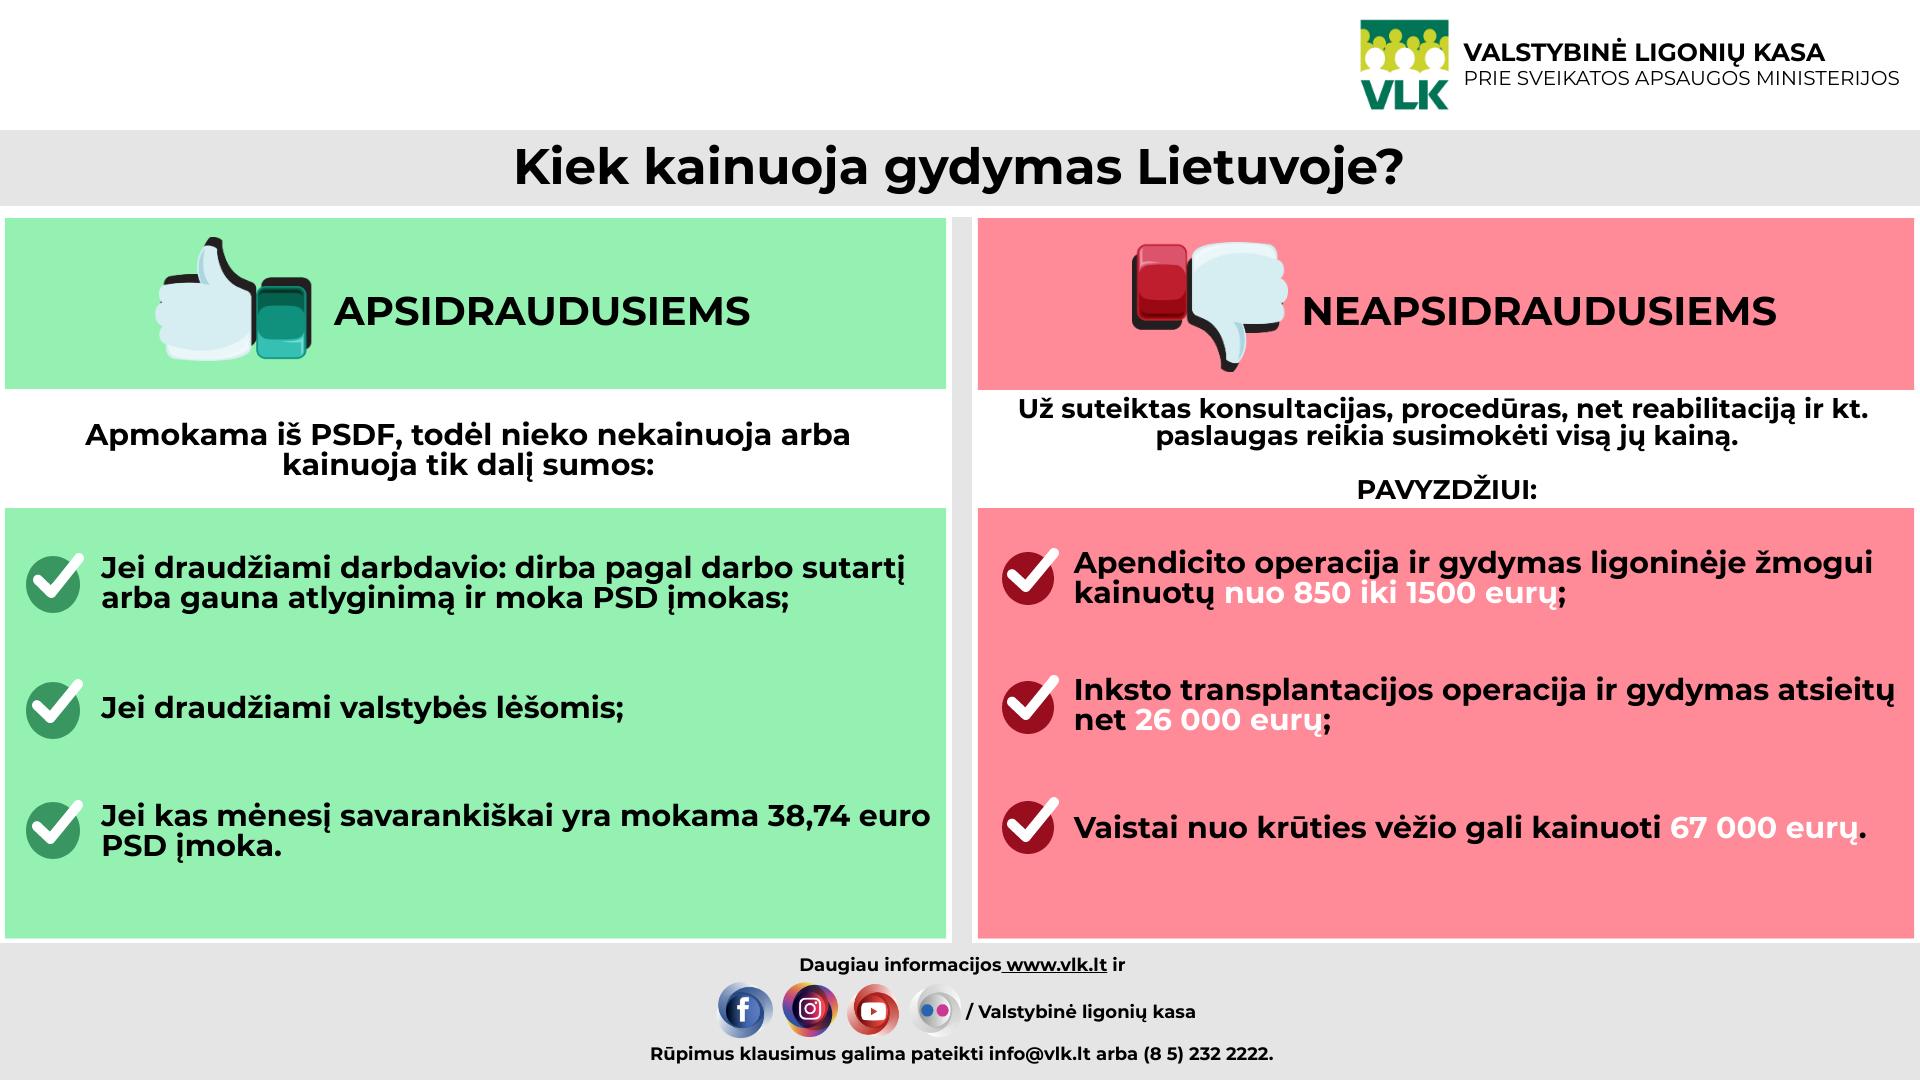 Viešoji ar privati: kurias gydymo įstaigas Lietuvoje renkasi dažniausiai? | VLK nuotr.